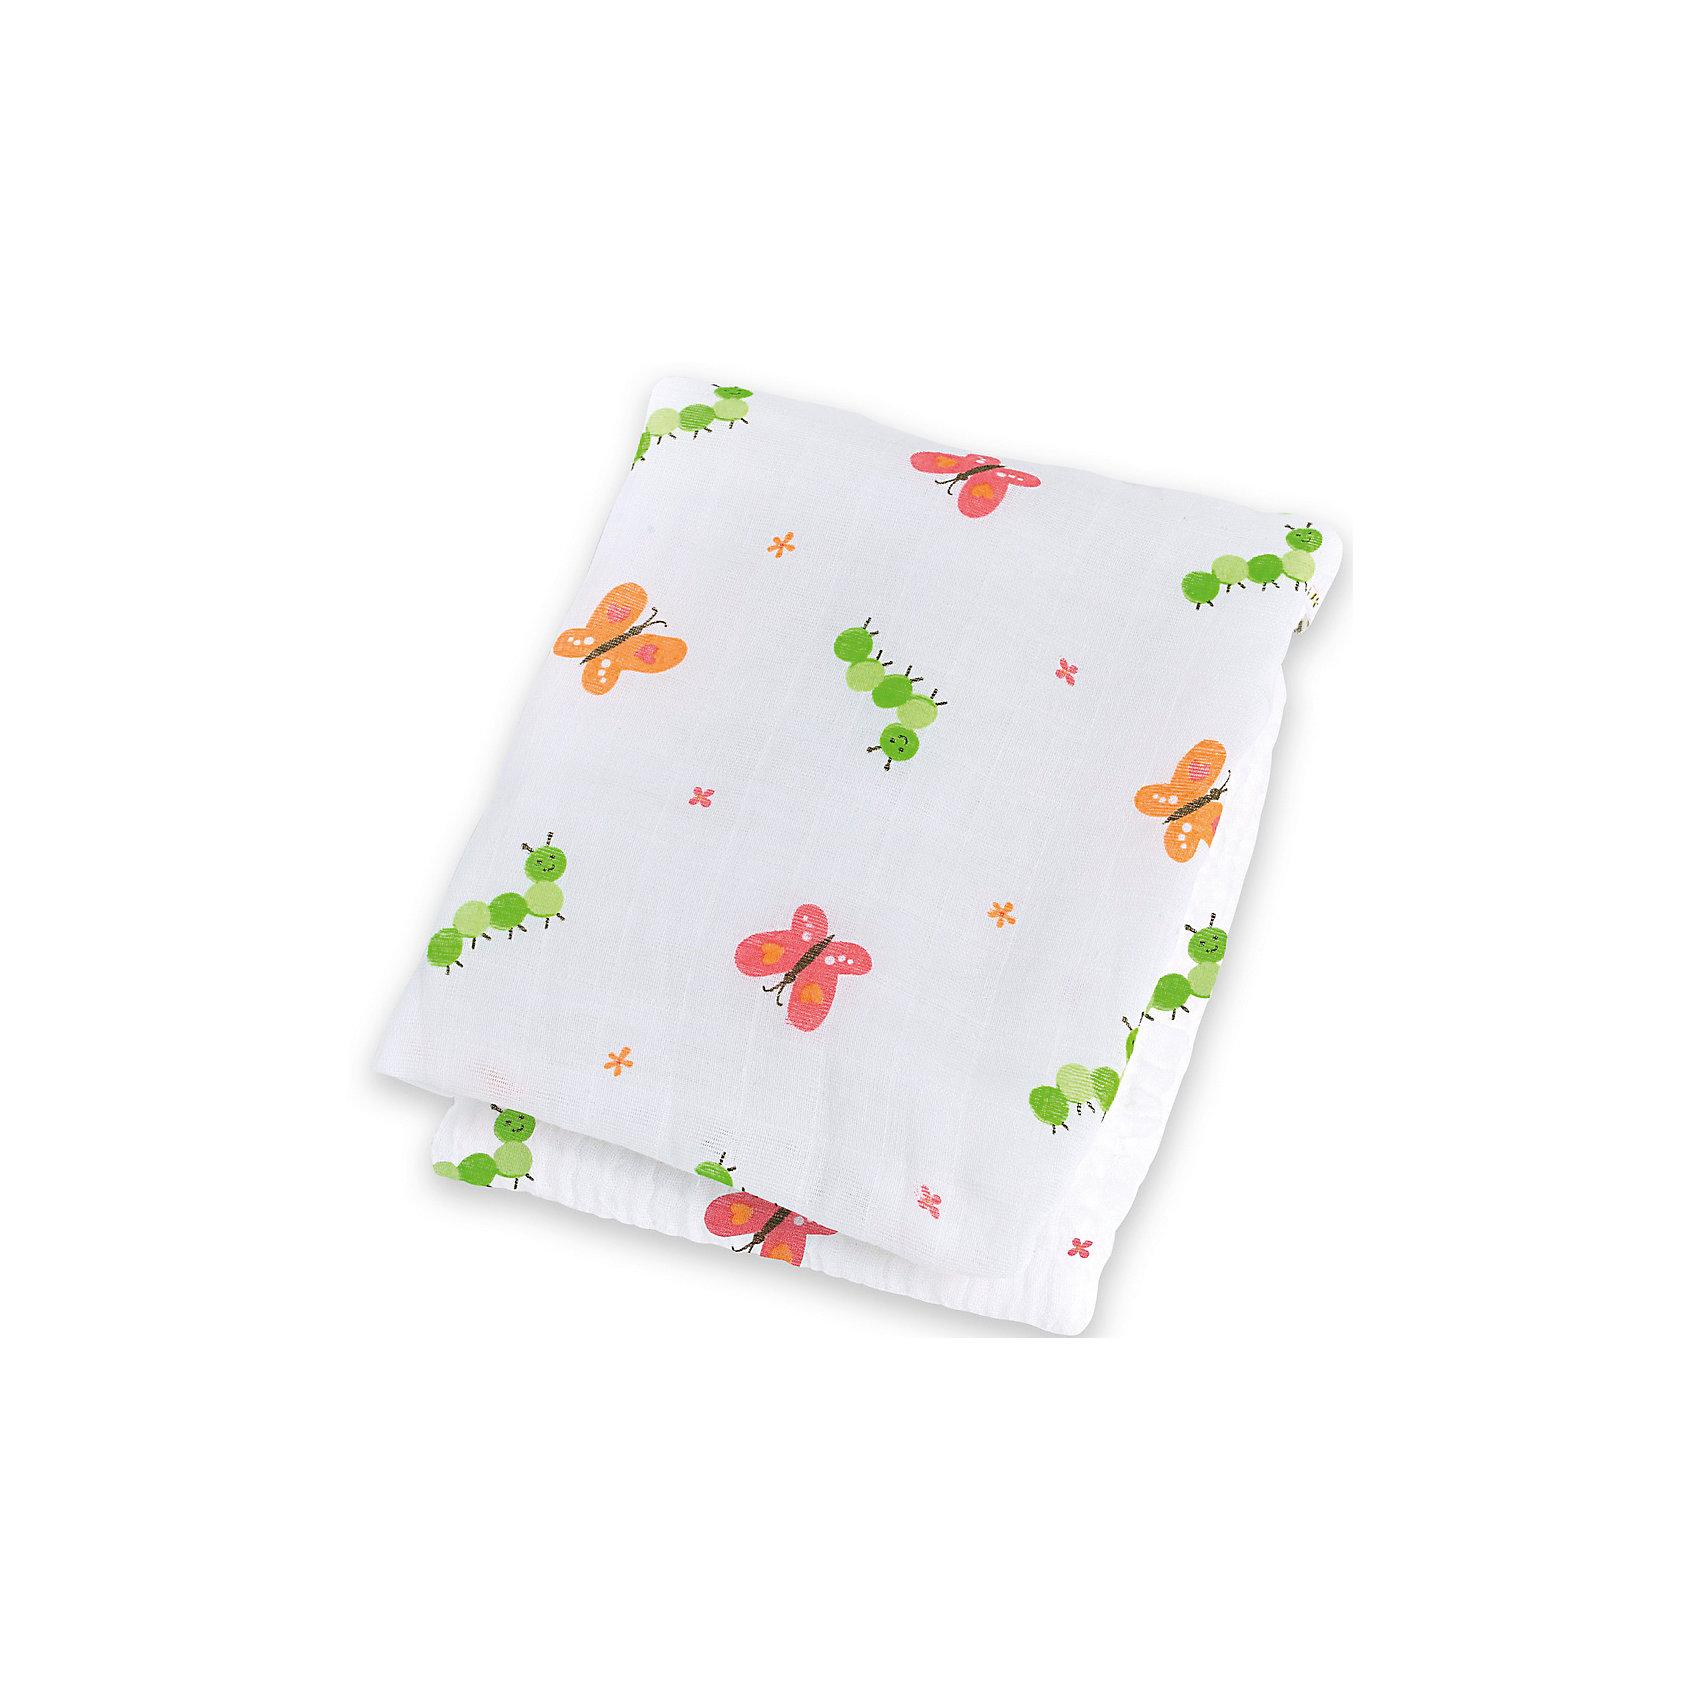 Муслиновая пелёнка Garden Party 120х120, LulujoМуслиновая пелёнка Garden Party 120х120, Lulujo, это двухсторонняя мягкая пеленка большого размера, предназначена как для пеленания, так и покрывала или использования в виде обычных простыней. Яркие бабочки, гусеницы и цветочки на нейтральном белом фоне помогут создать атмосферу уюта в комнате малыша. Хлопковый муслин обеспечит малышу комфорт и тепло, материал отлично пропускает воздух, с этой тканью кожа ребенка дышит.<br>Дополнительная информация:<br><br>- В комплект входит: 1 пеленка<br>- Тип ткани: Муслин<br>- Состав: 100% хлопок <br>- Размер: 120 * 120 см. <br>- Cтирка: машинная, 40 градусов<br><br>Муслиновую пелёнку Garden Party 120х120, Lulujo можно купить в нашем интернет-магазине.<br>Подробнее:<br>• Для детей в возрасте: от 0 лет<br>• Номер товара: 4976070<br>Страна производитель: Турция<br><br>Ширина мм: 100<br>Глубина мм: 55<br>Высота мм: 240<br>Вес г: 160<br>Возраст от месяцев: 0<br>Возраст до месяцев: 36<br>Пол: Унисекс<br>Возраст: Детский<br>SKU: 4976070